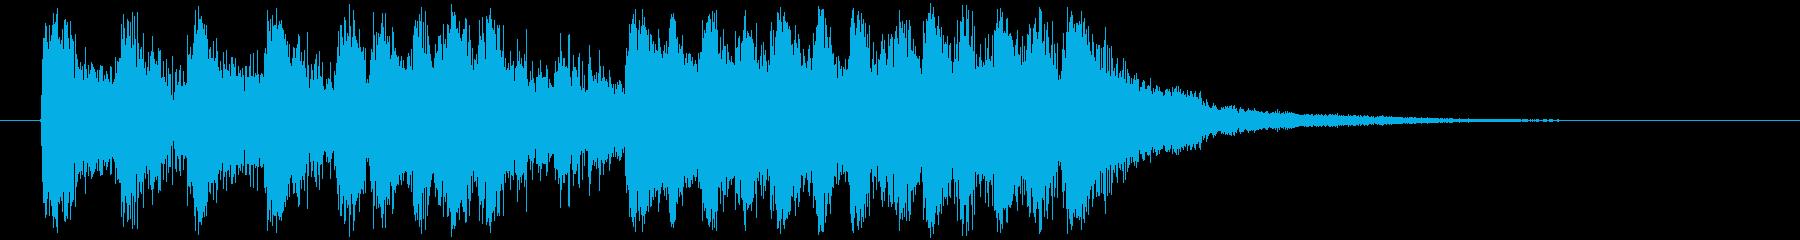 オーケストラロックの壮大なサウンドロゴ!の再生済みの波形